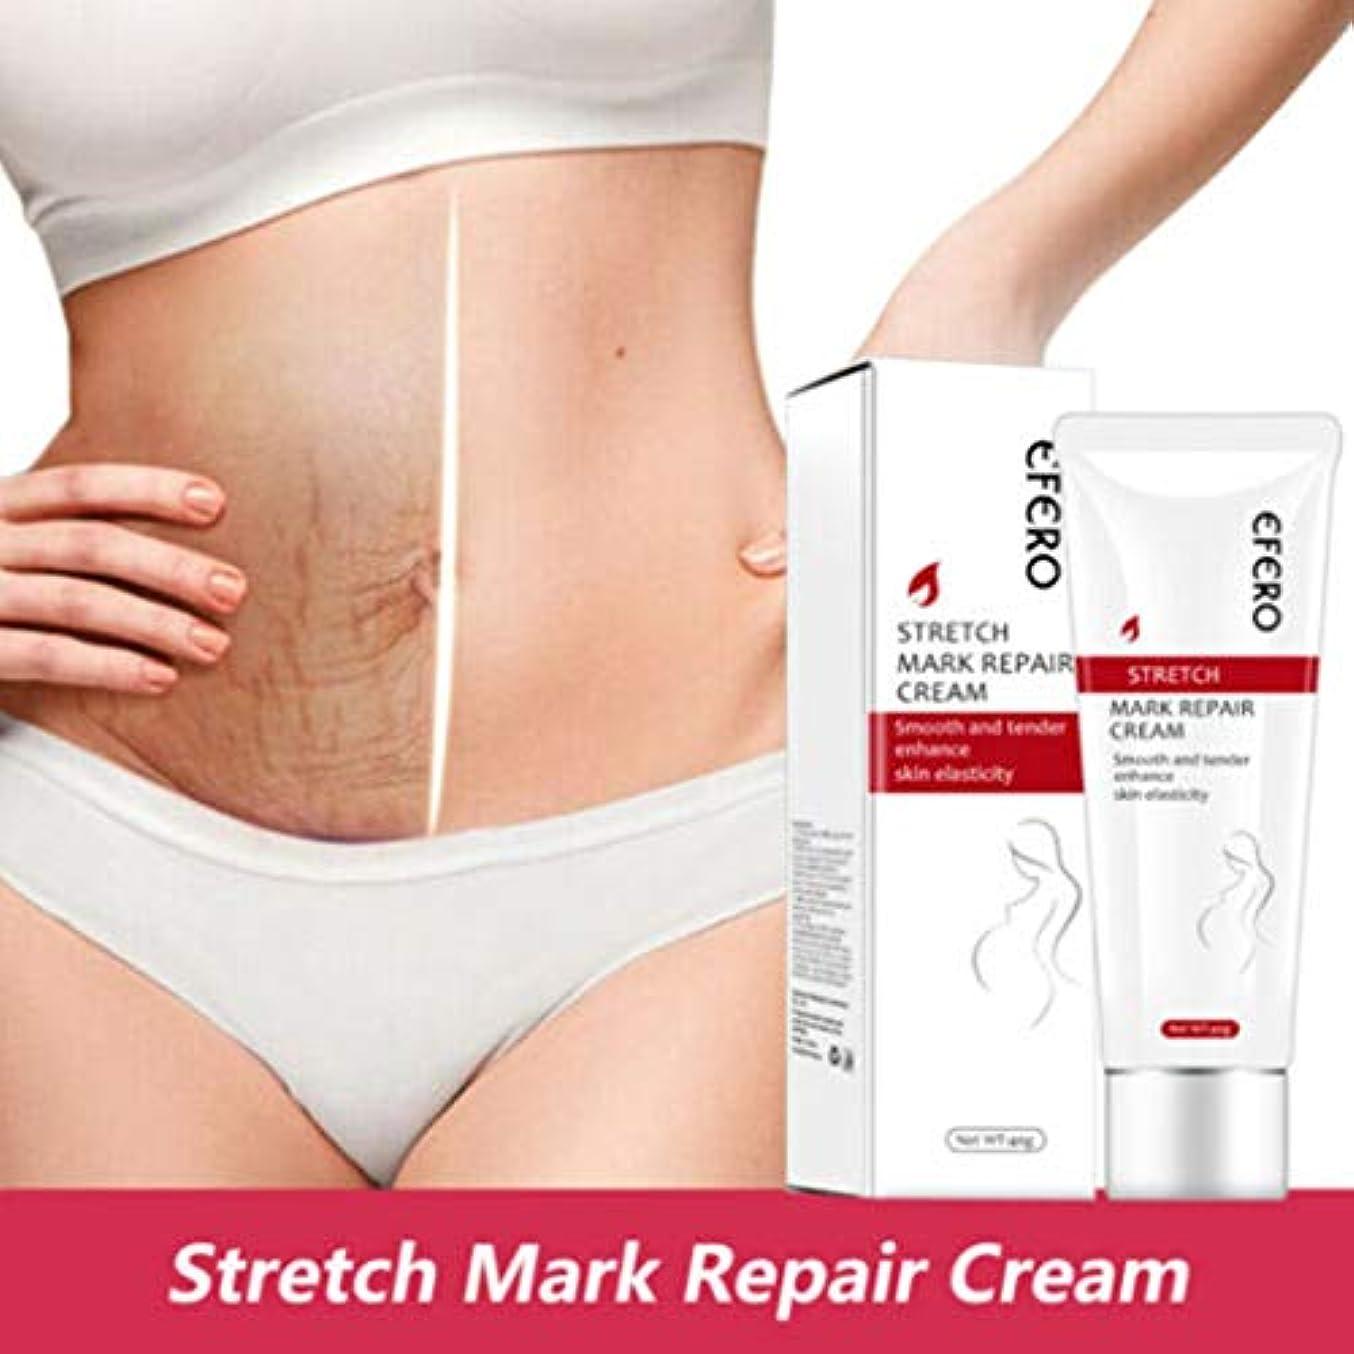 記録好みメタン妊娠中の女性のストレッチマークの傷跡クリームクリームの修理クリーム、産後の母親の肌のソリューションボディ肌の保湿美白ケア